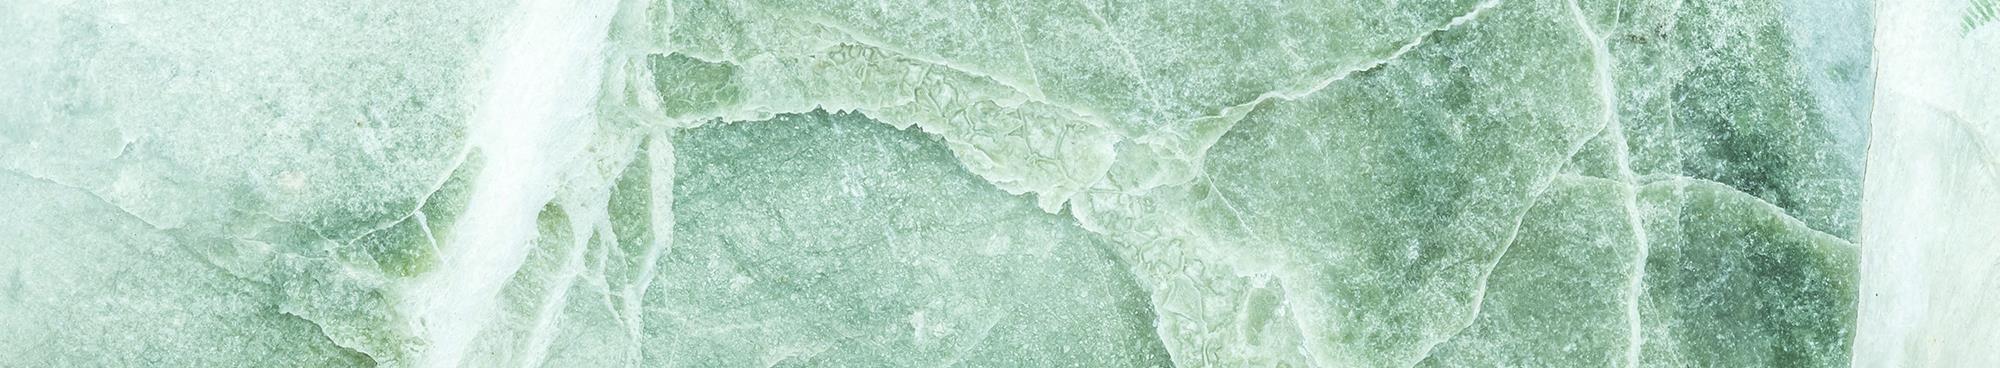 Green Marble Città Di Prato